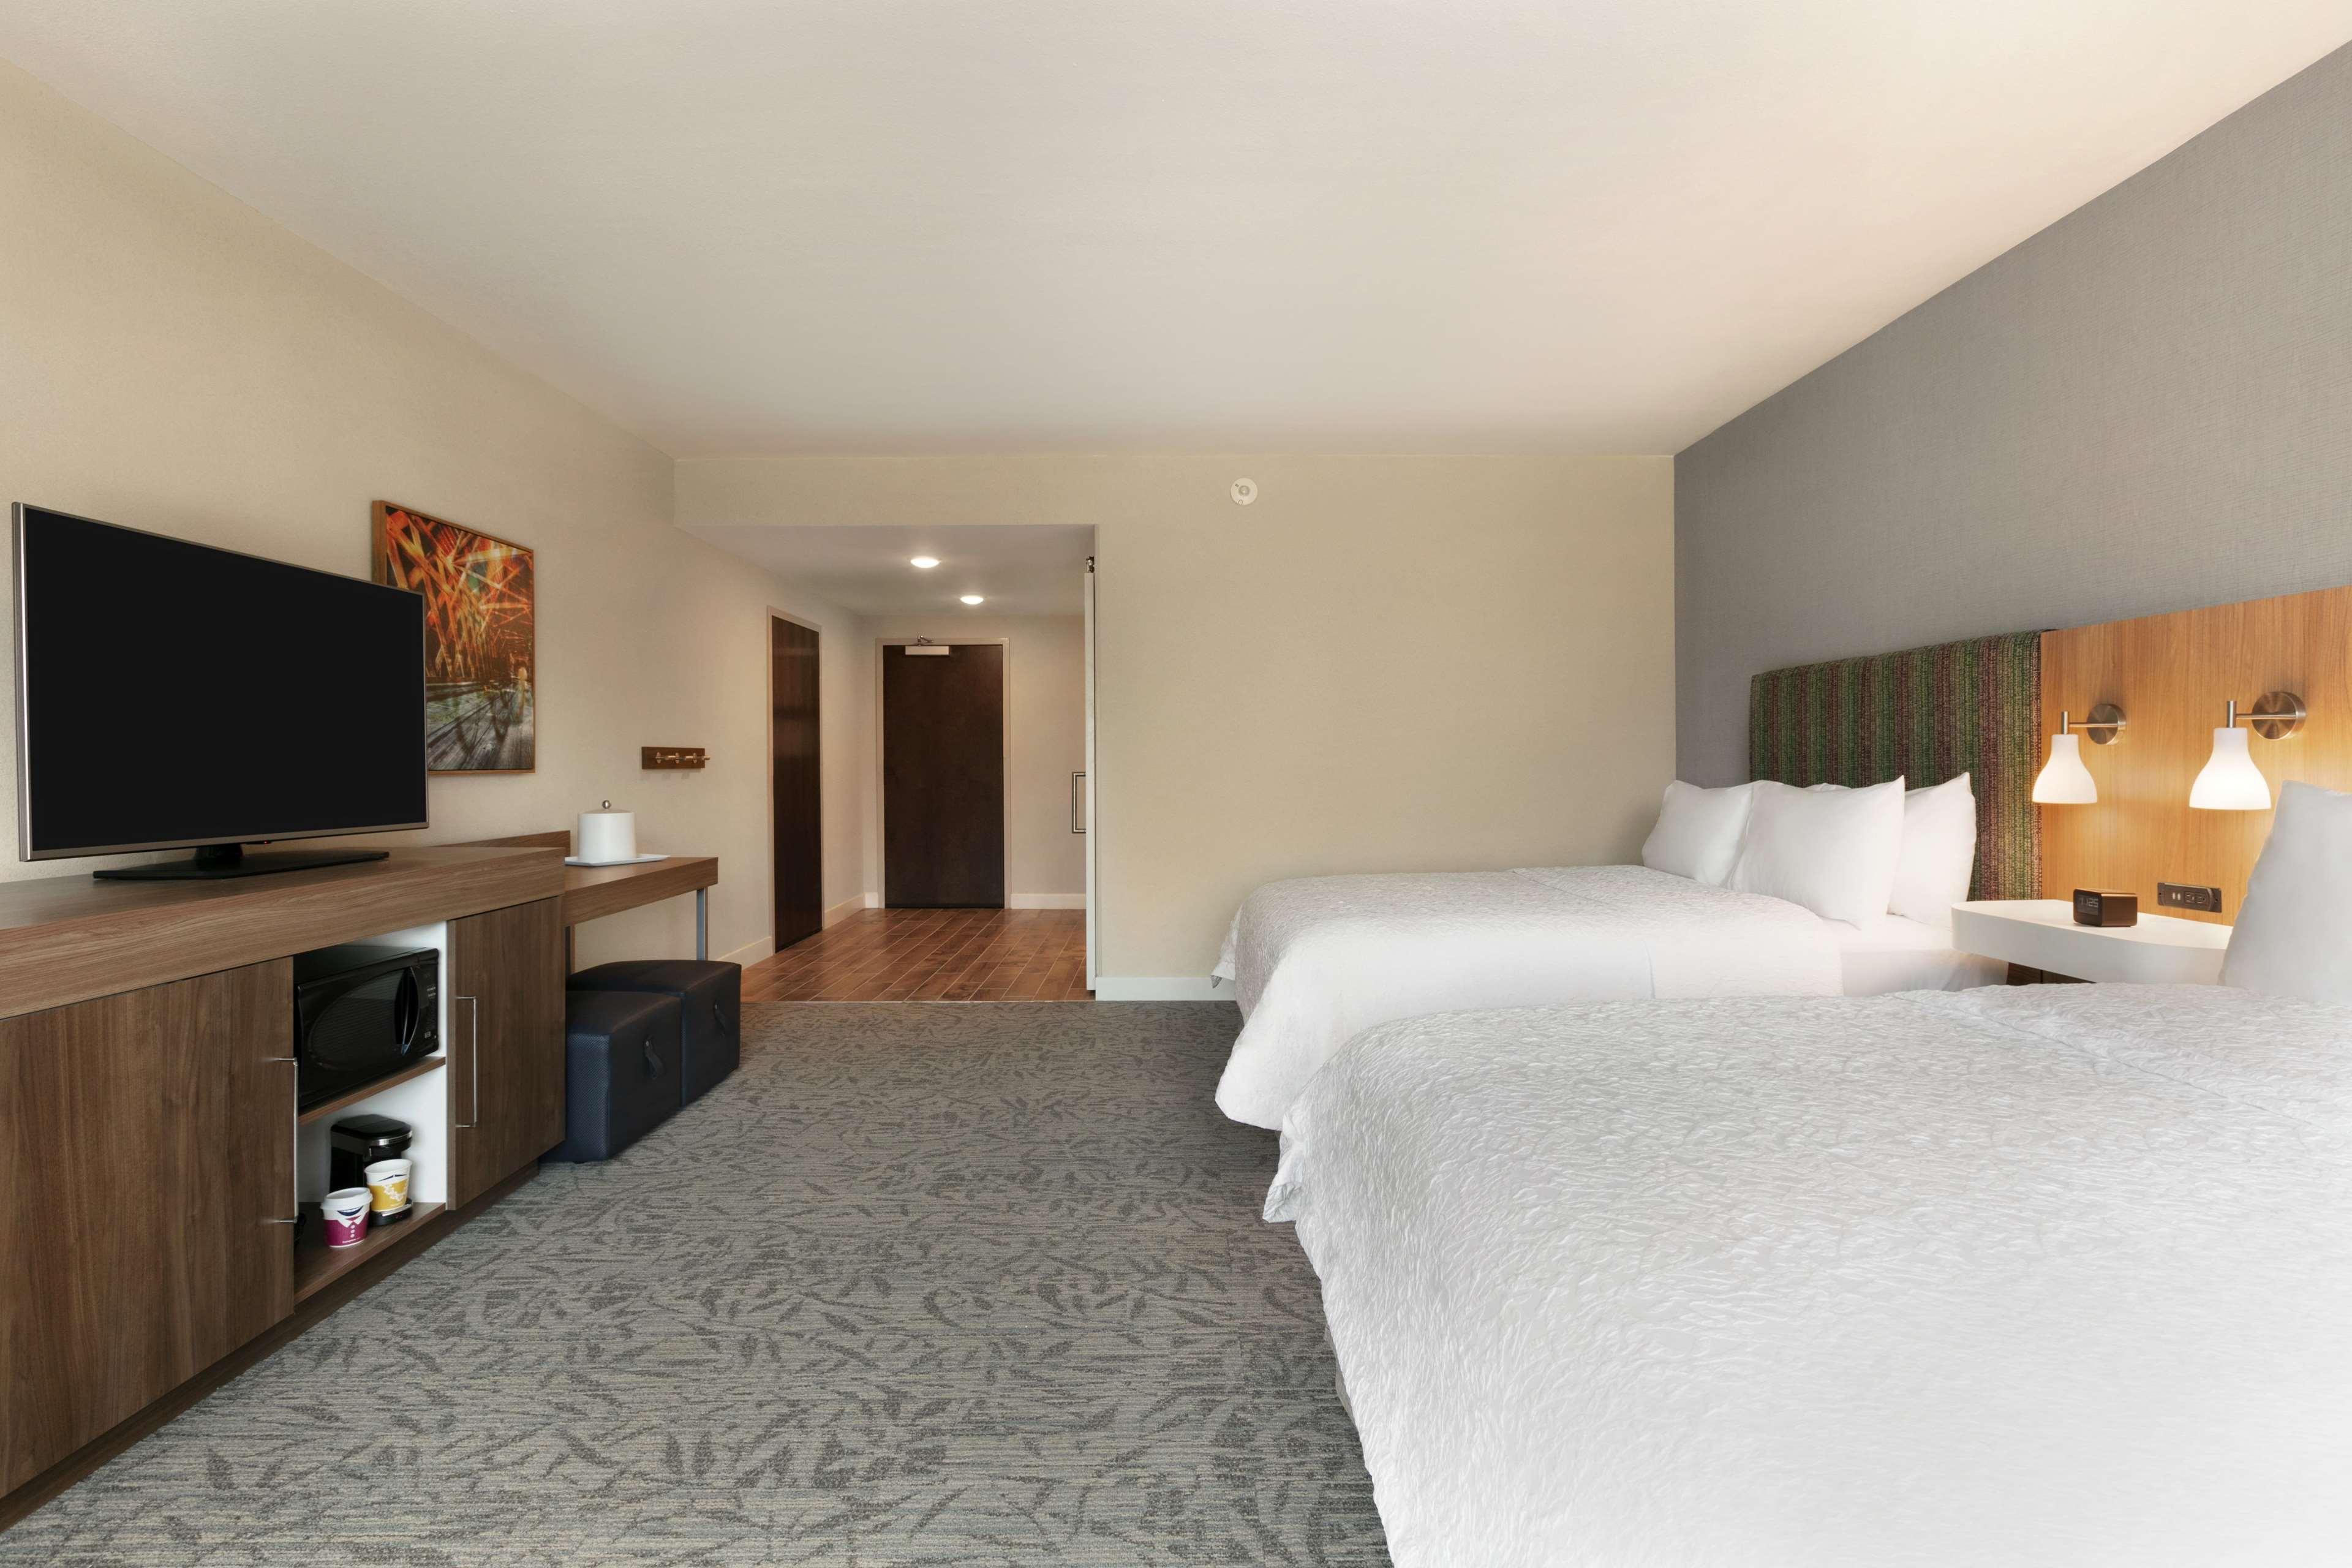 Hampton Inn and Suites Johns Creek image 25